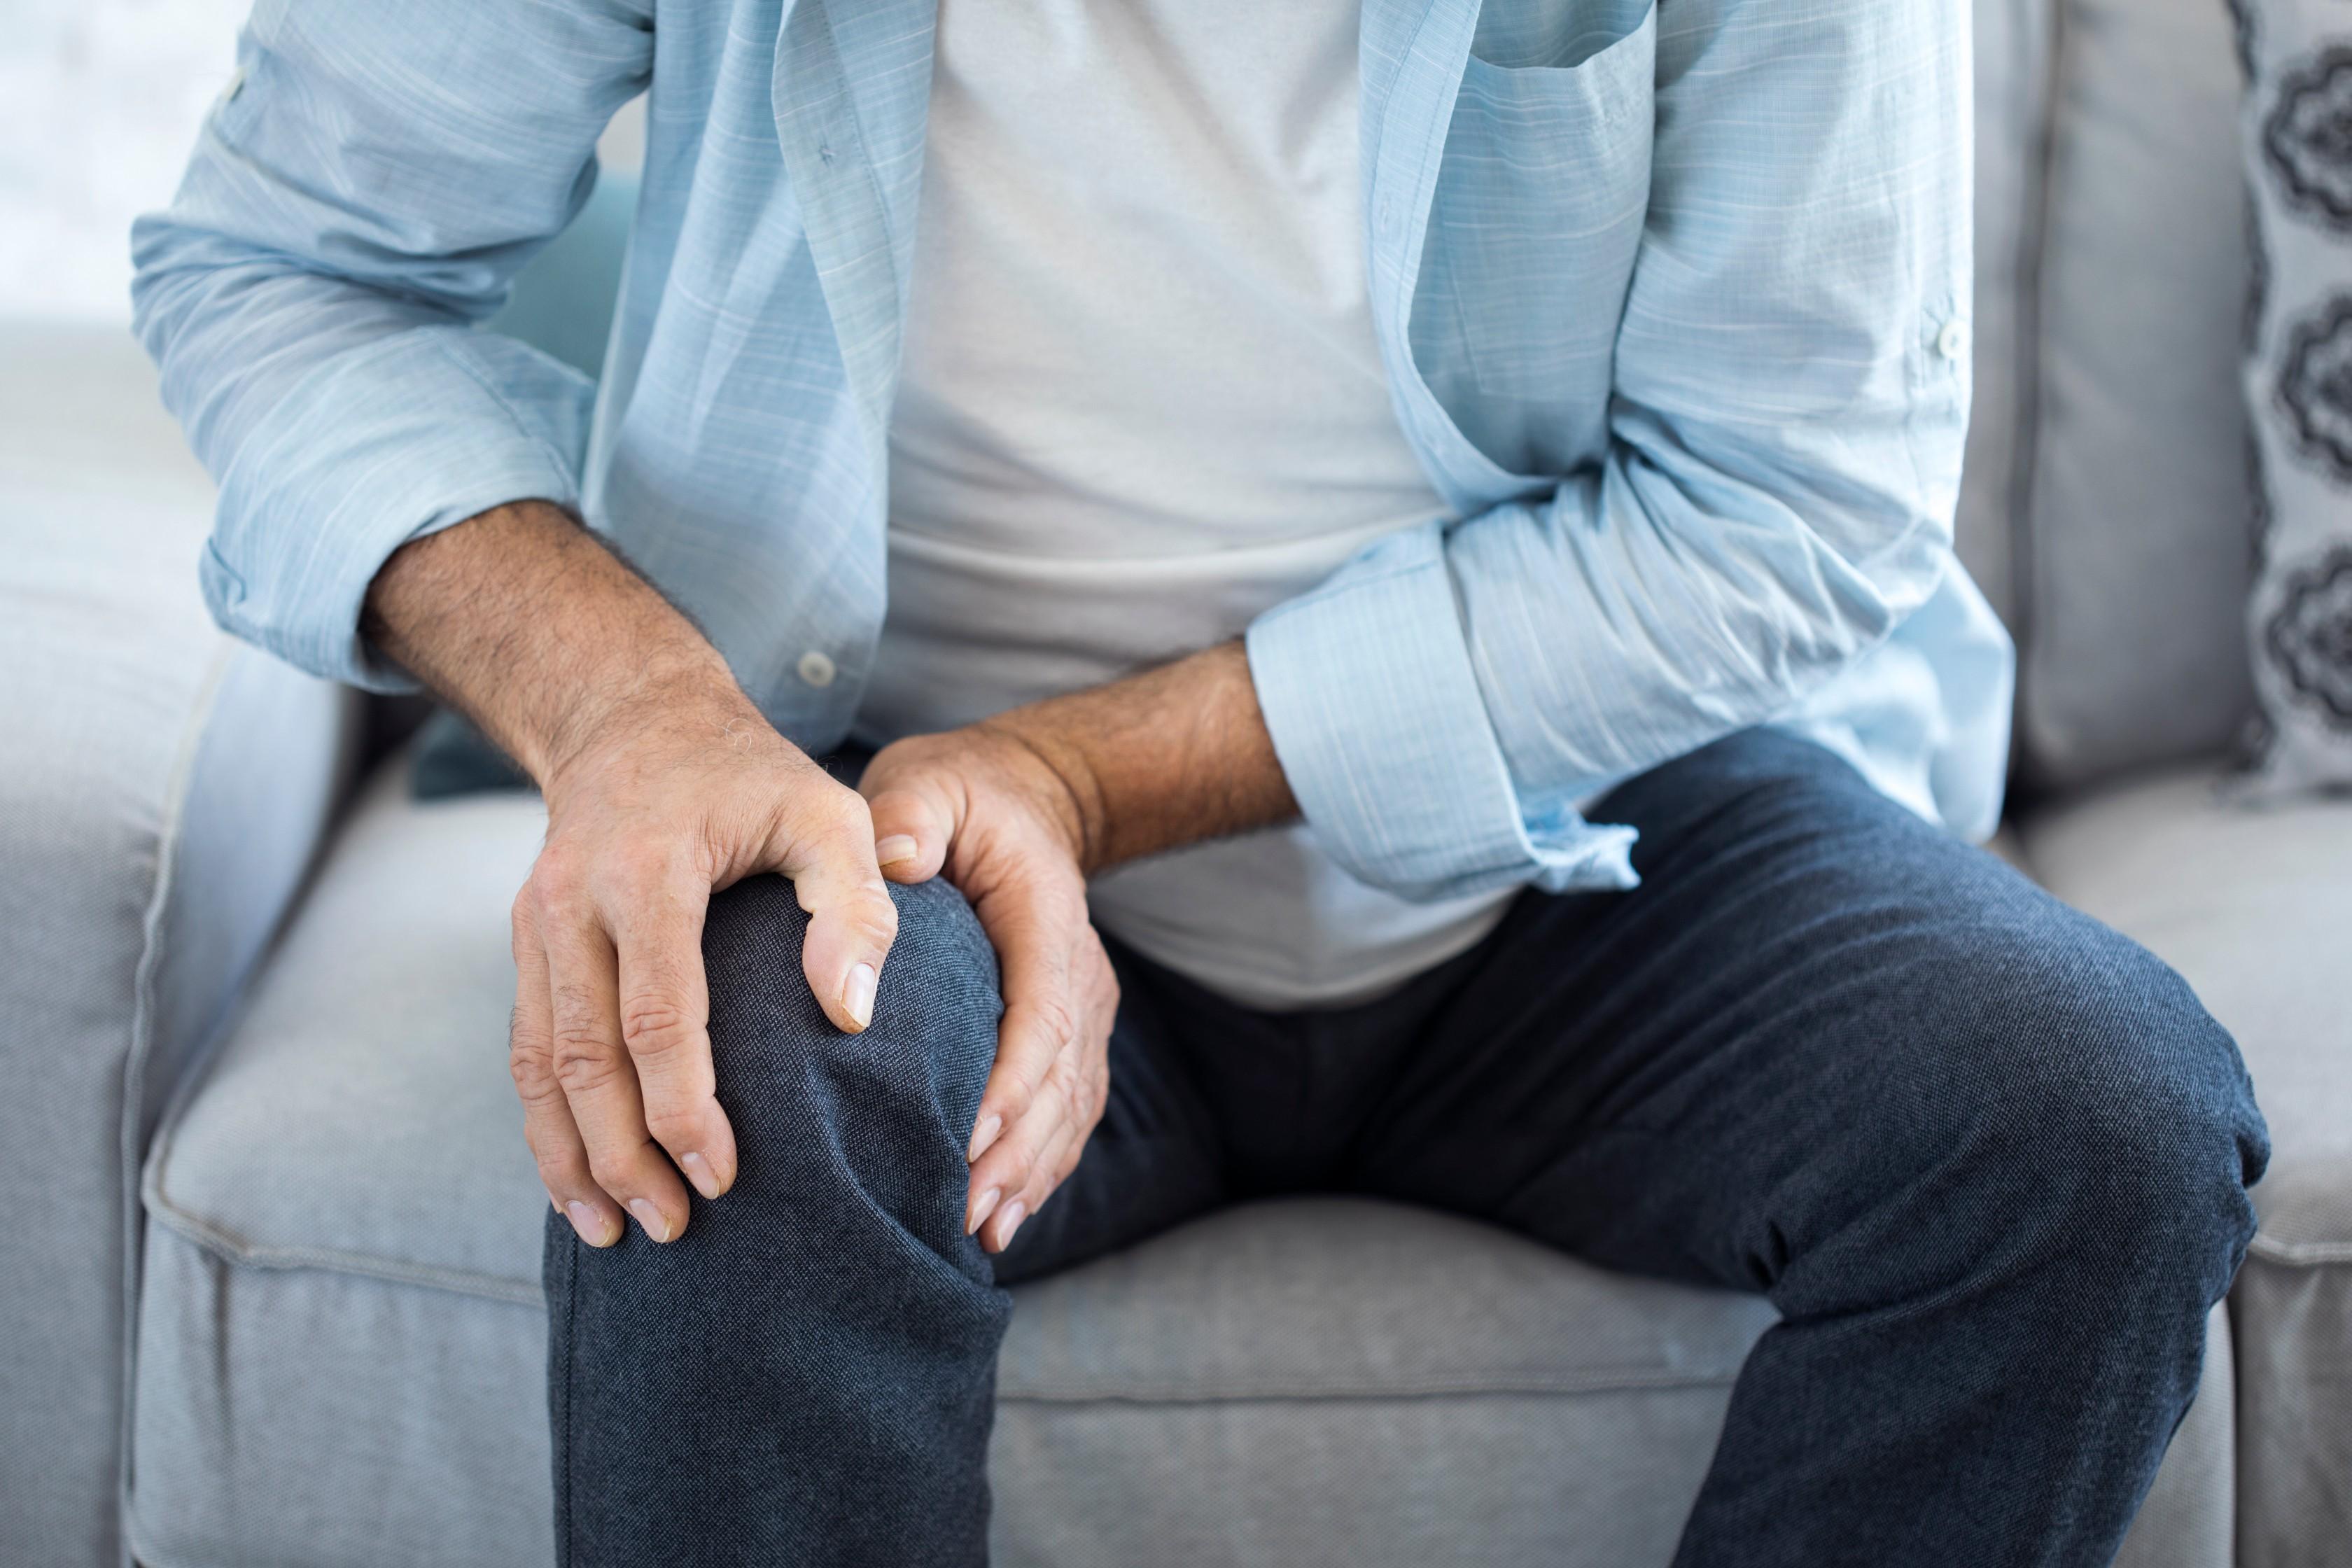 repülő fájdalmak a lábak ízületeiben